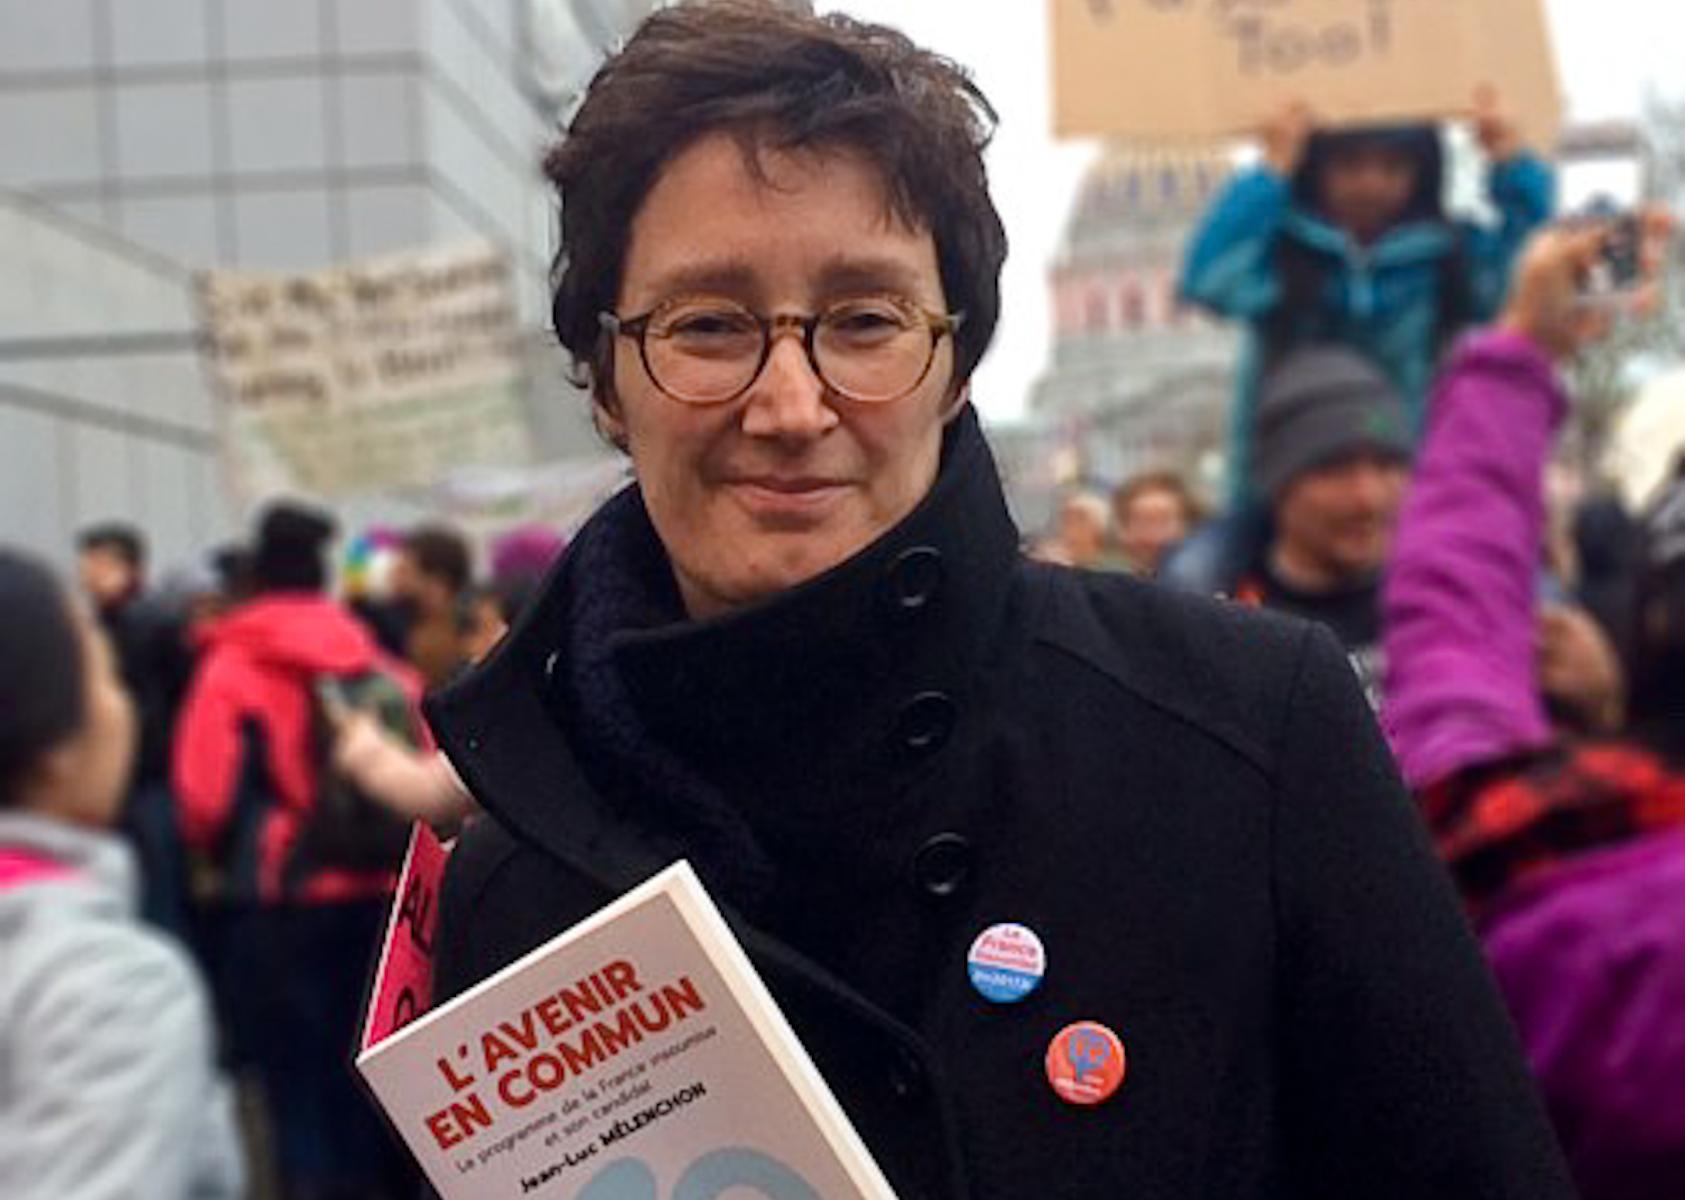 Éléonore Gachet, une Insoumise engagée pour les Français d'Amérique du nord